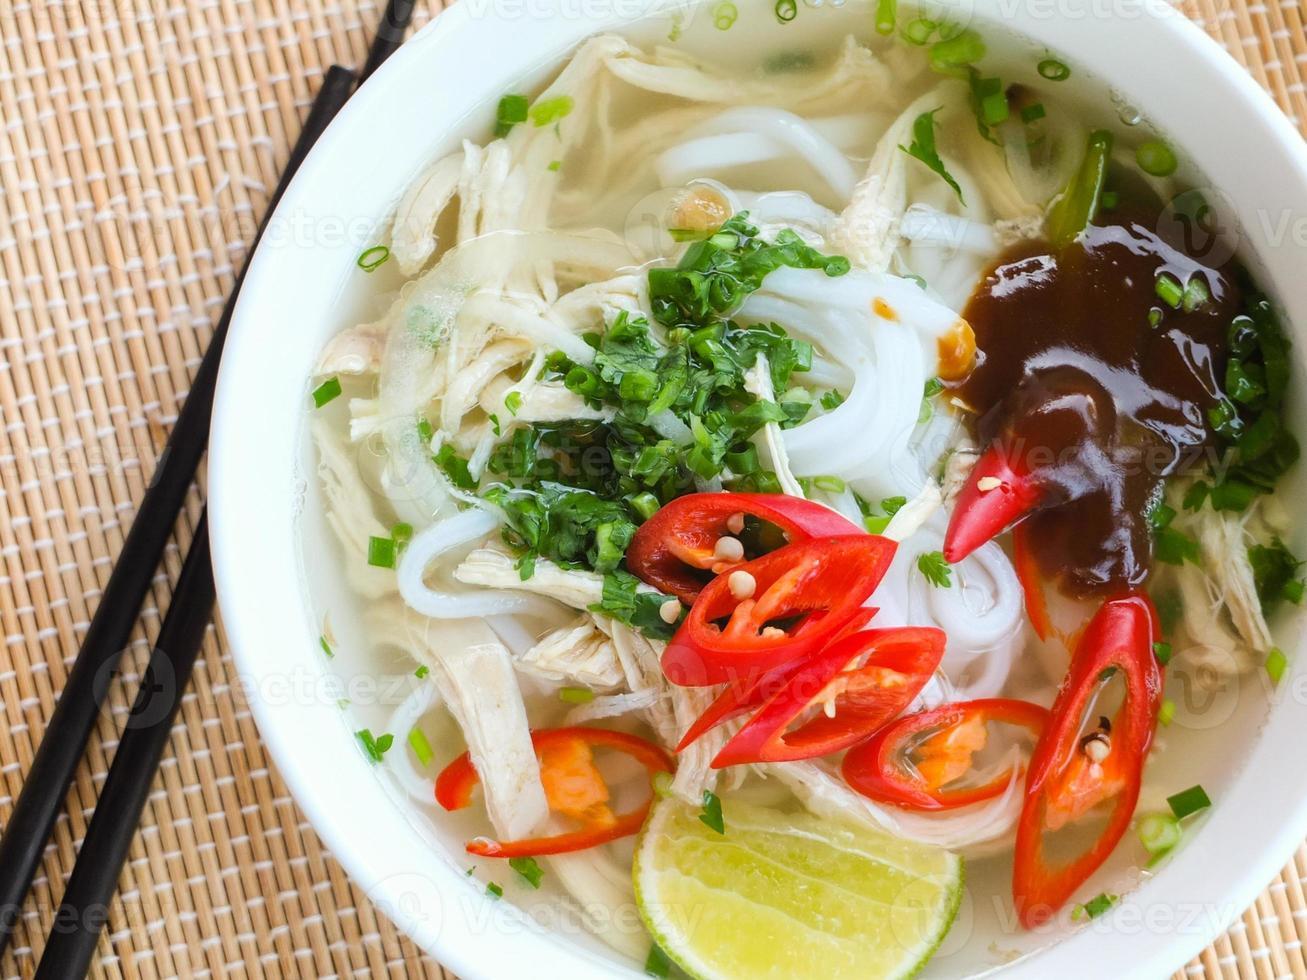 Fotografía de sopa de fideos de arroz con pollo asiático con verduras foto